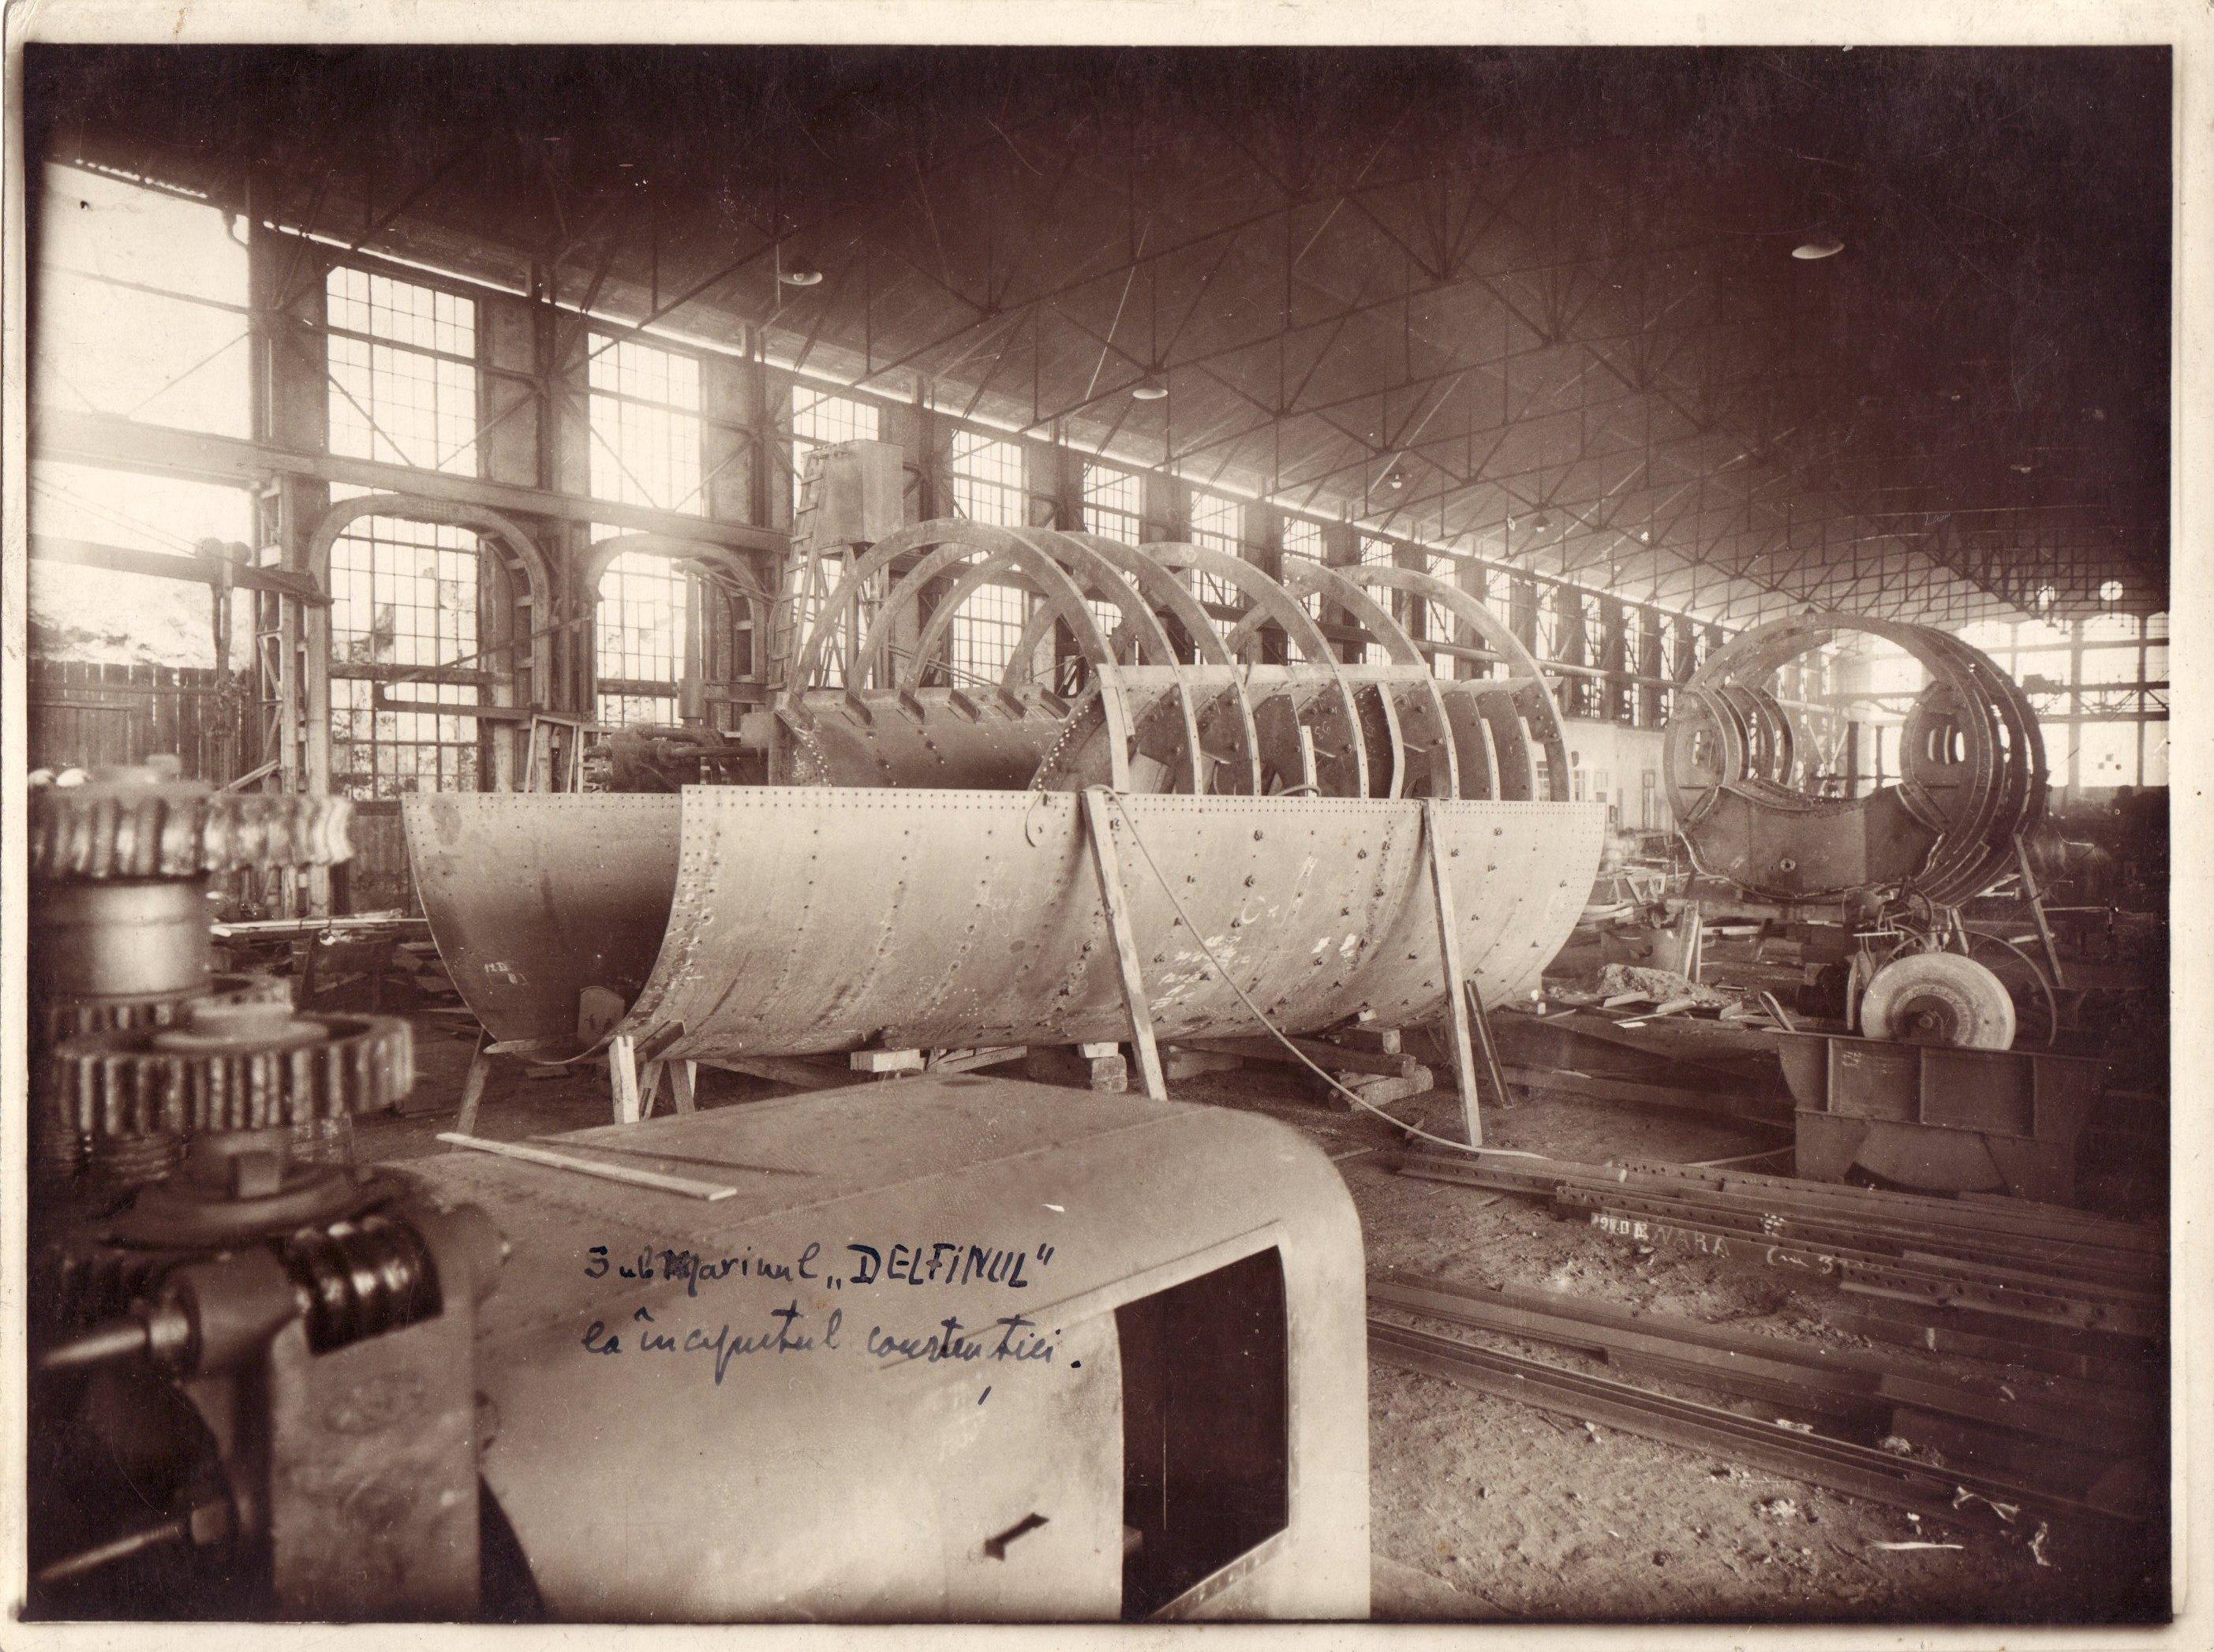 """Aspect din timpul construiriii submarinului """"Delfinul"""" în Șantierul Naval din Fiume (Italia)."""